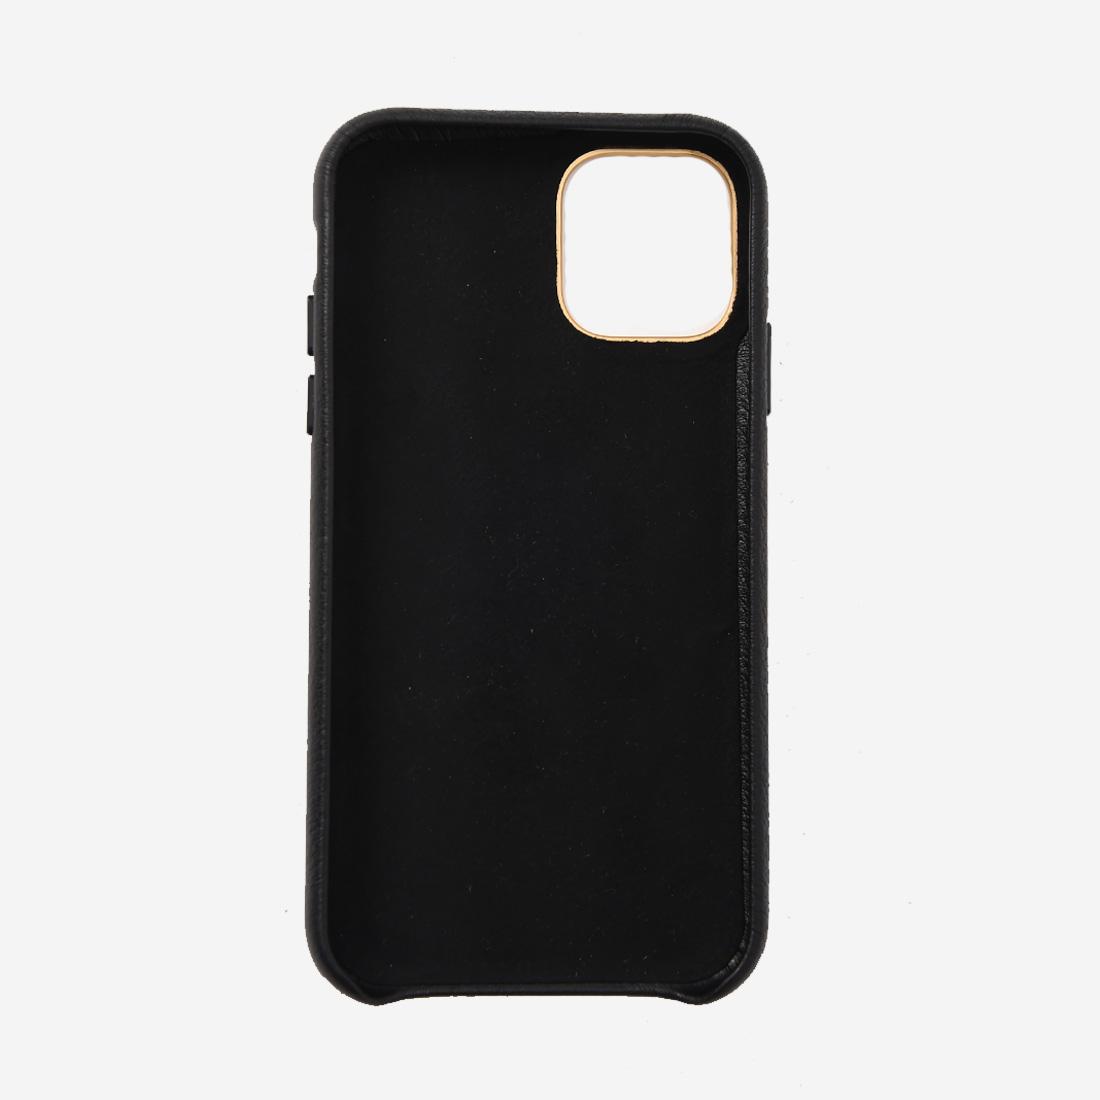 【ReZARD】Metal plate Leather iPhone case